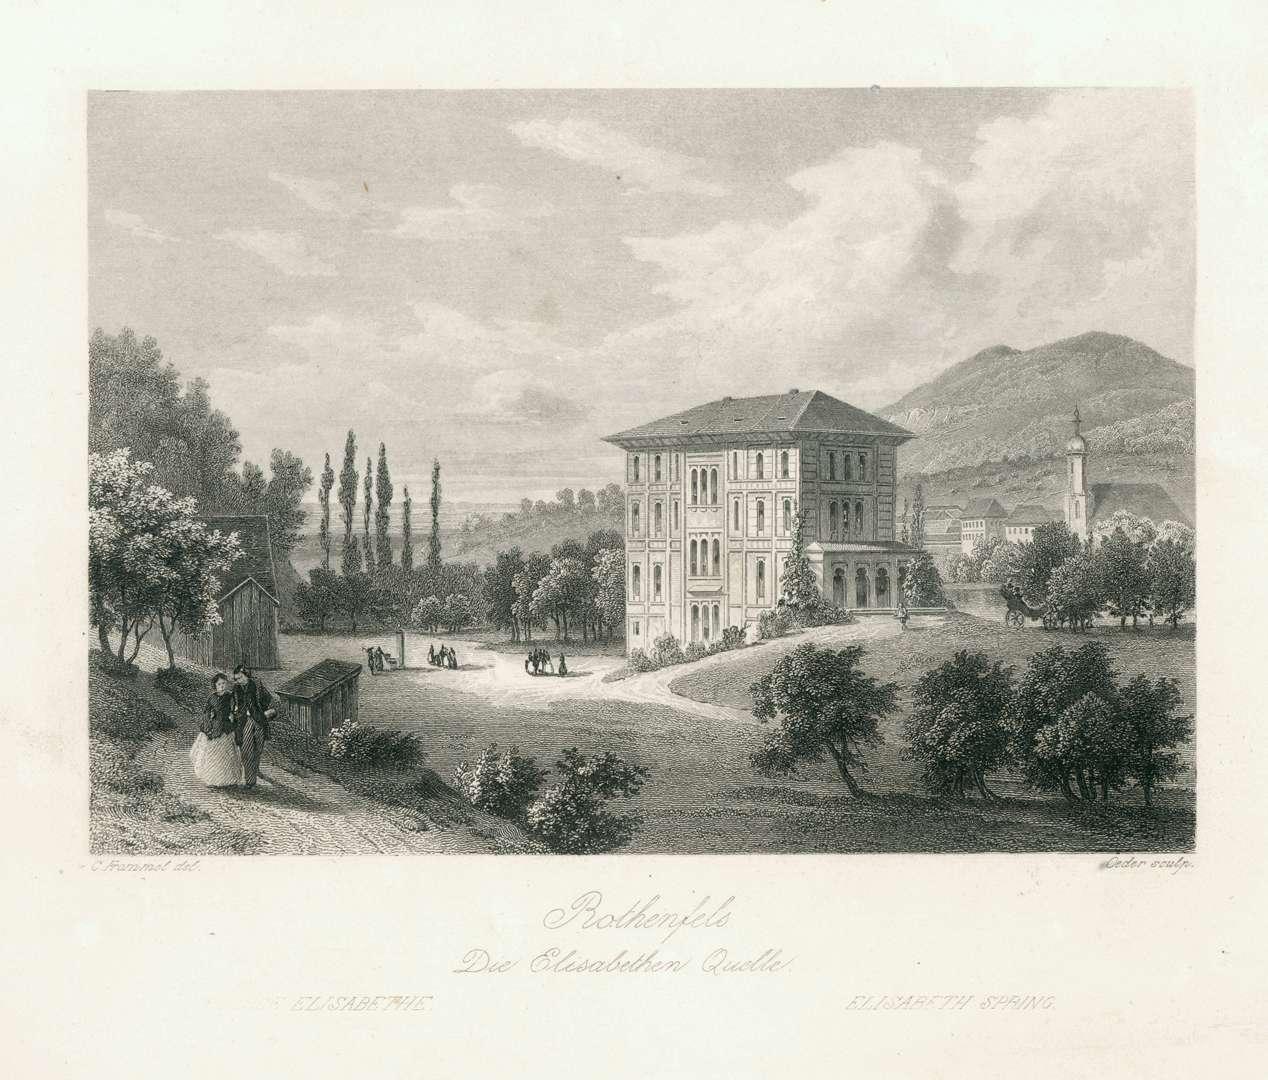 Rothenfels. Die Elisabethen Quelle. Elisabethe. Elisabeth Spring, Bild 1